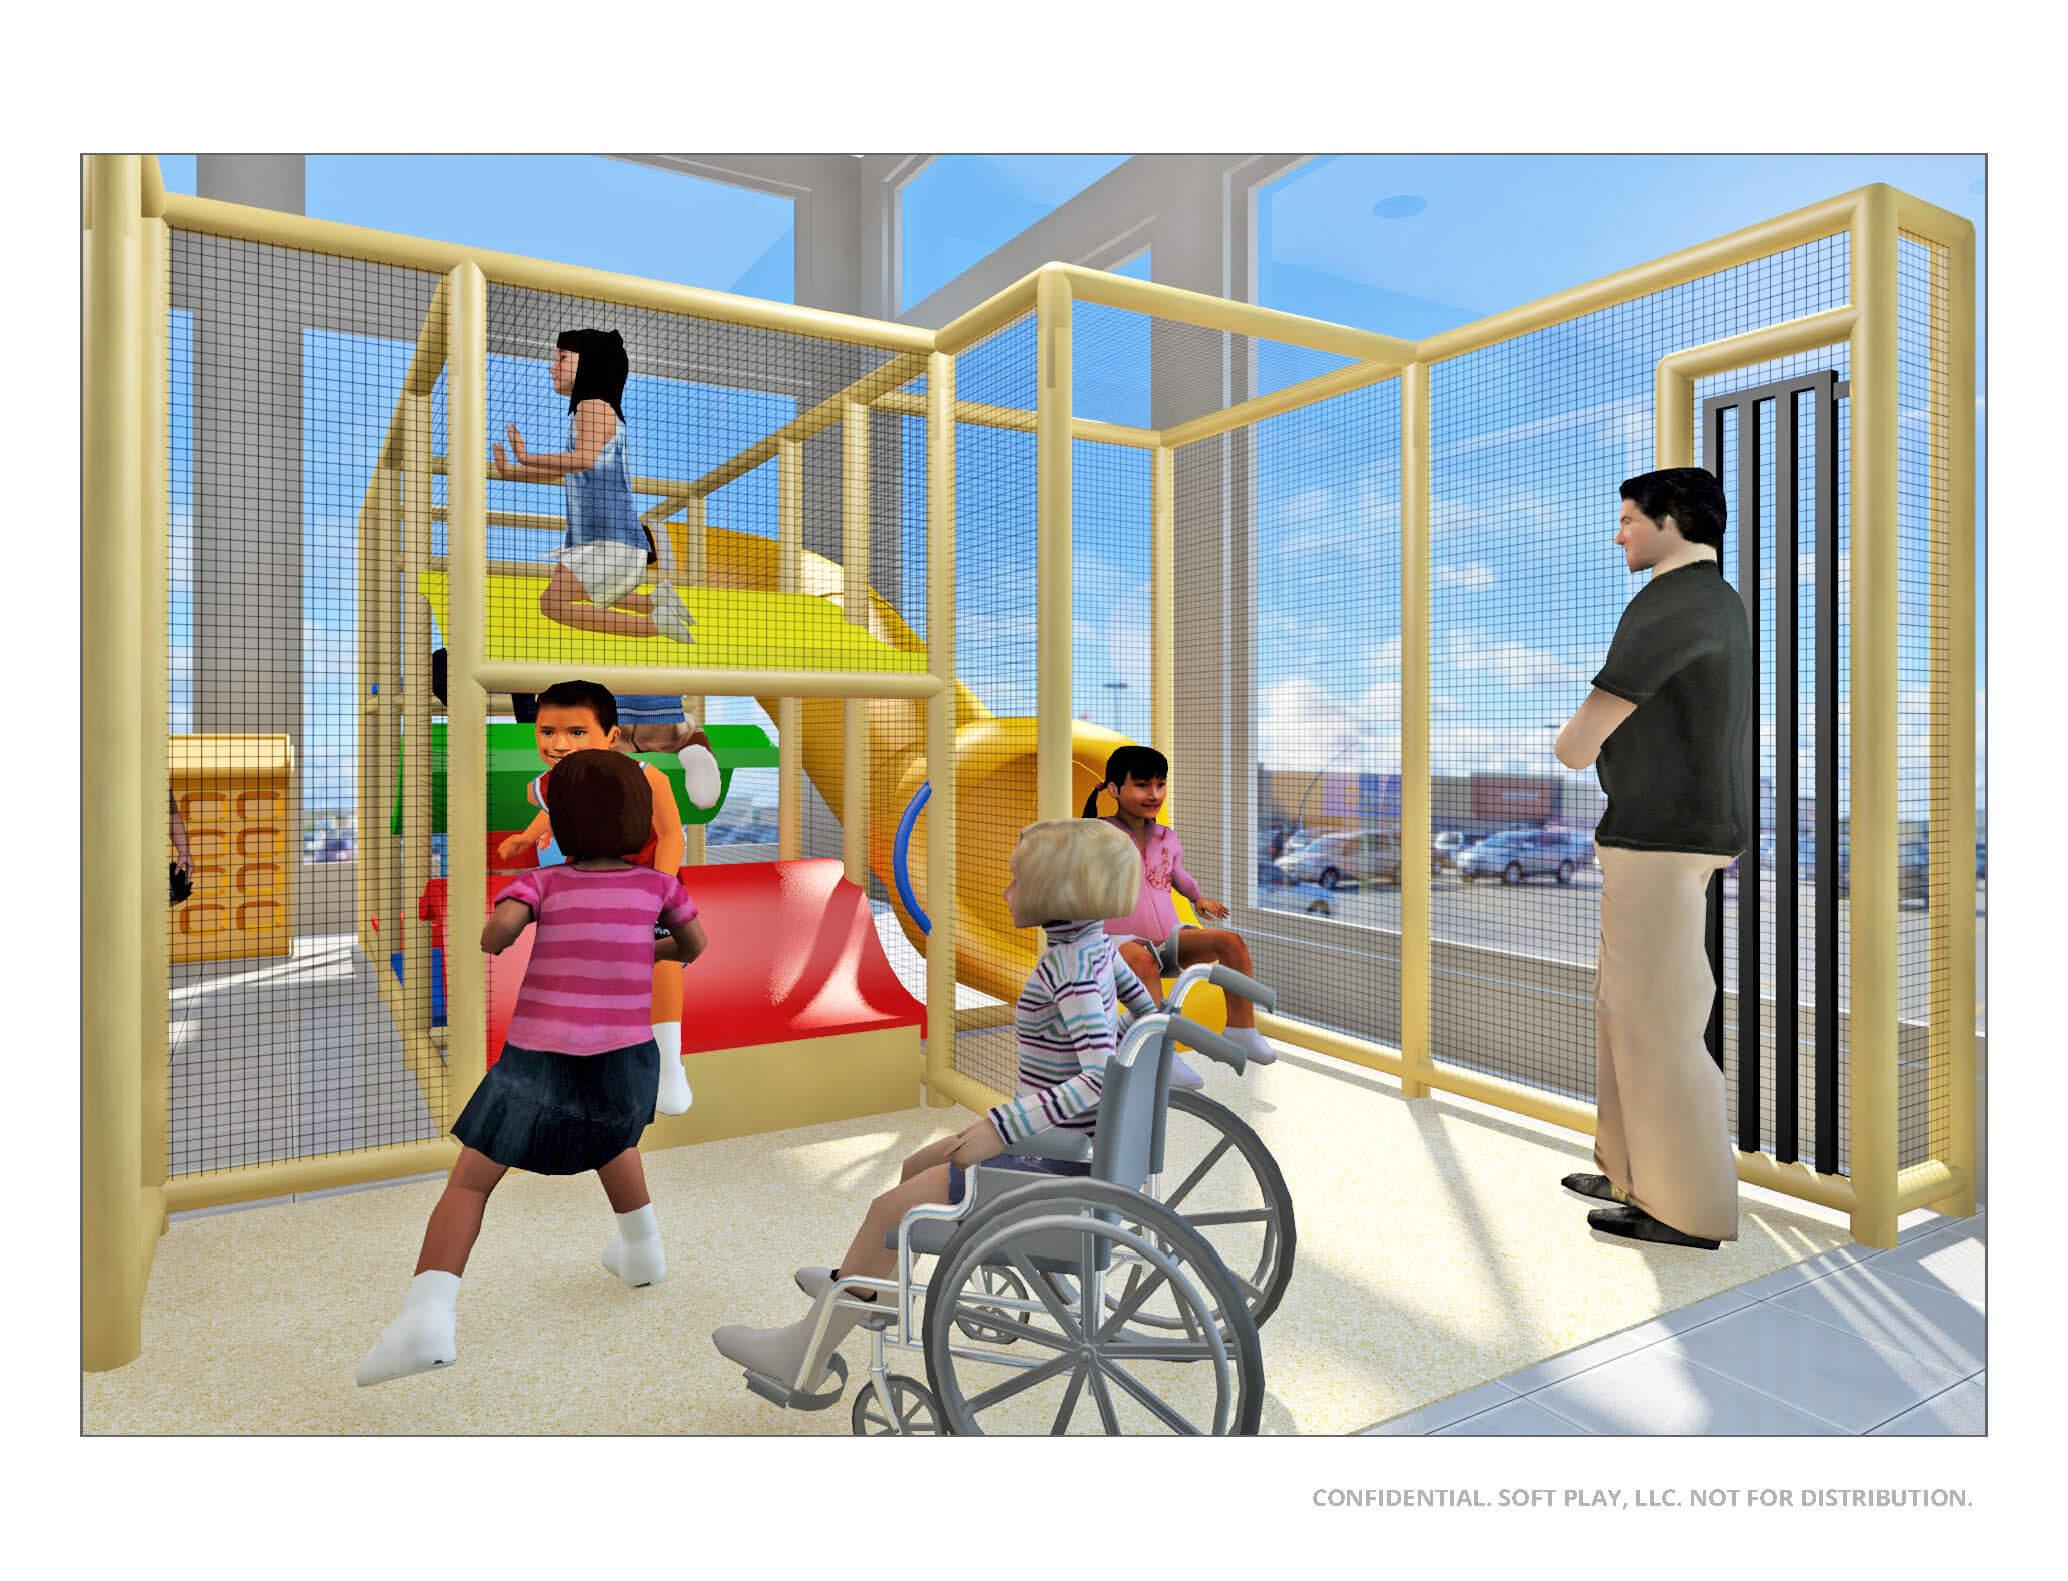 Amusement_Concepts_Town_of_ Labrador_City_P32188-01-Plans-5